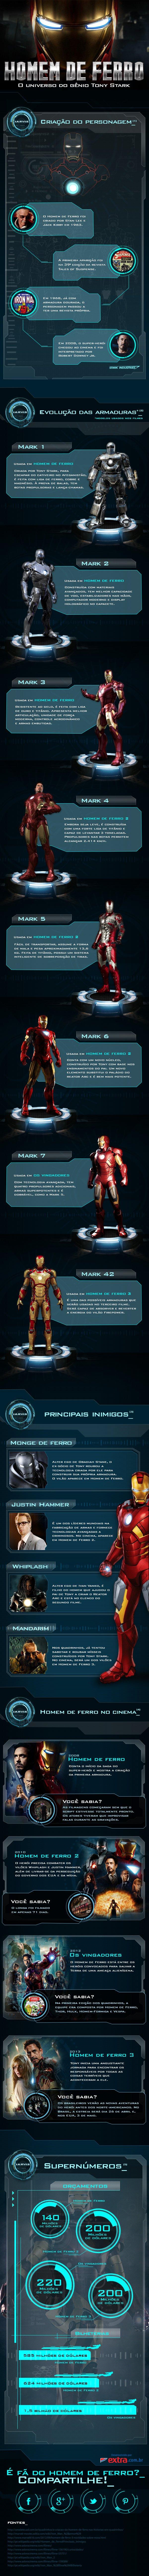 homem-de-ferro-infografico